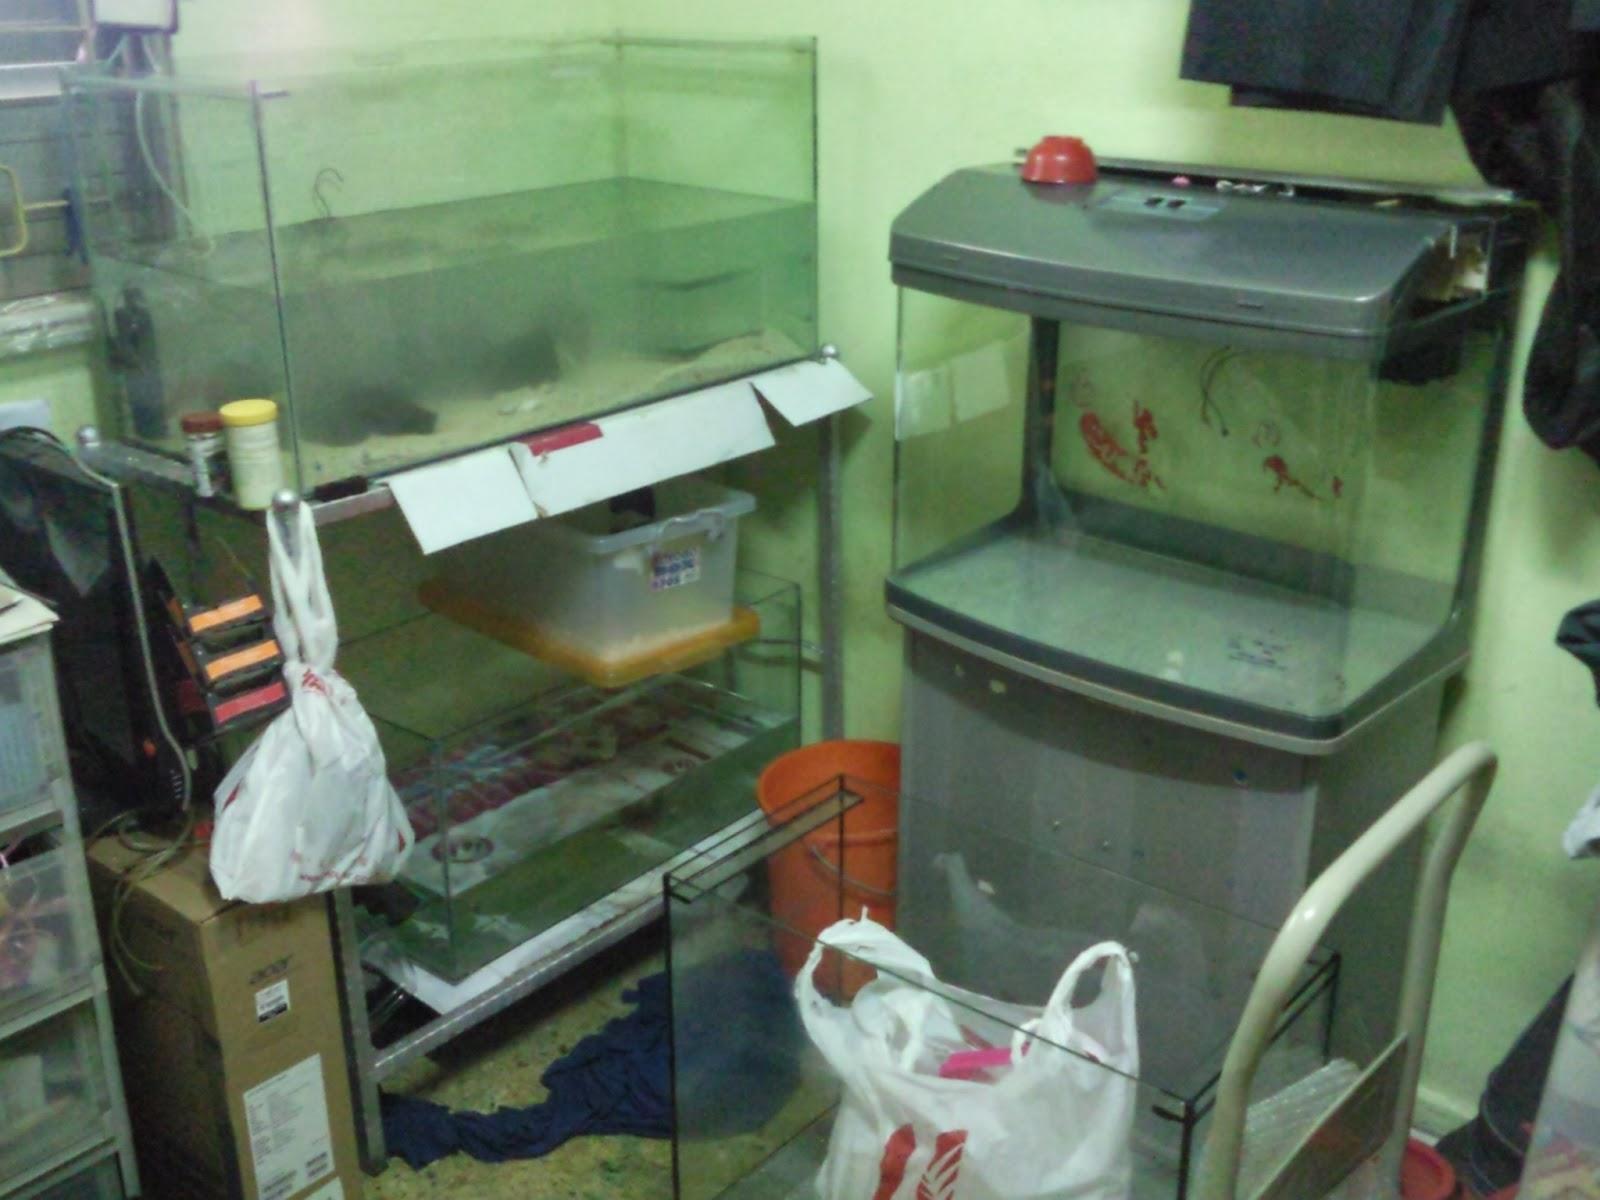 Fish Tanks And Aquarium CRS: Aquarium Home Multiple Fish Tanks Setup